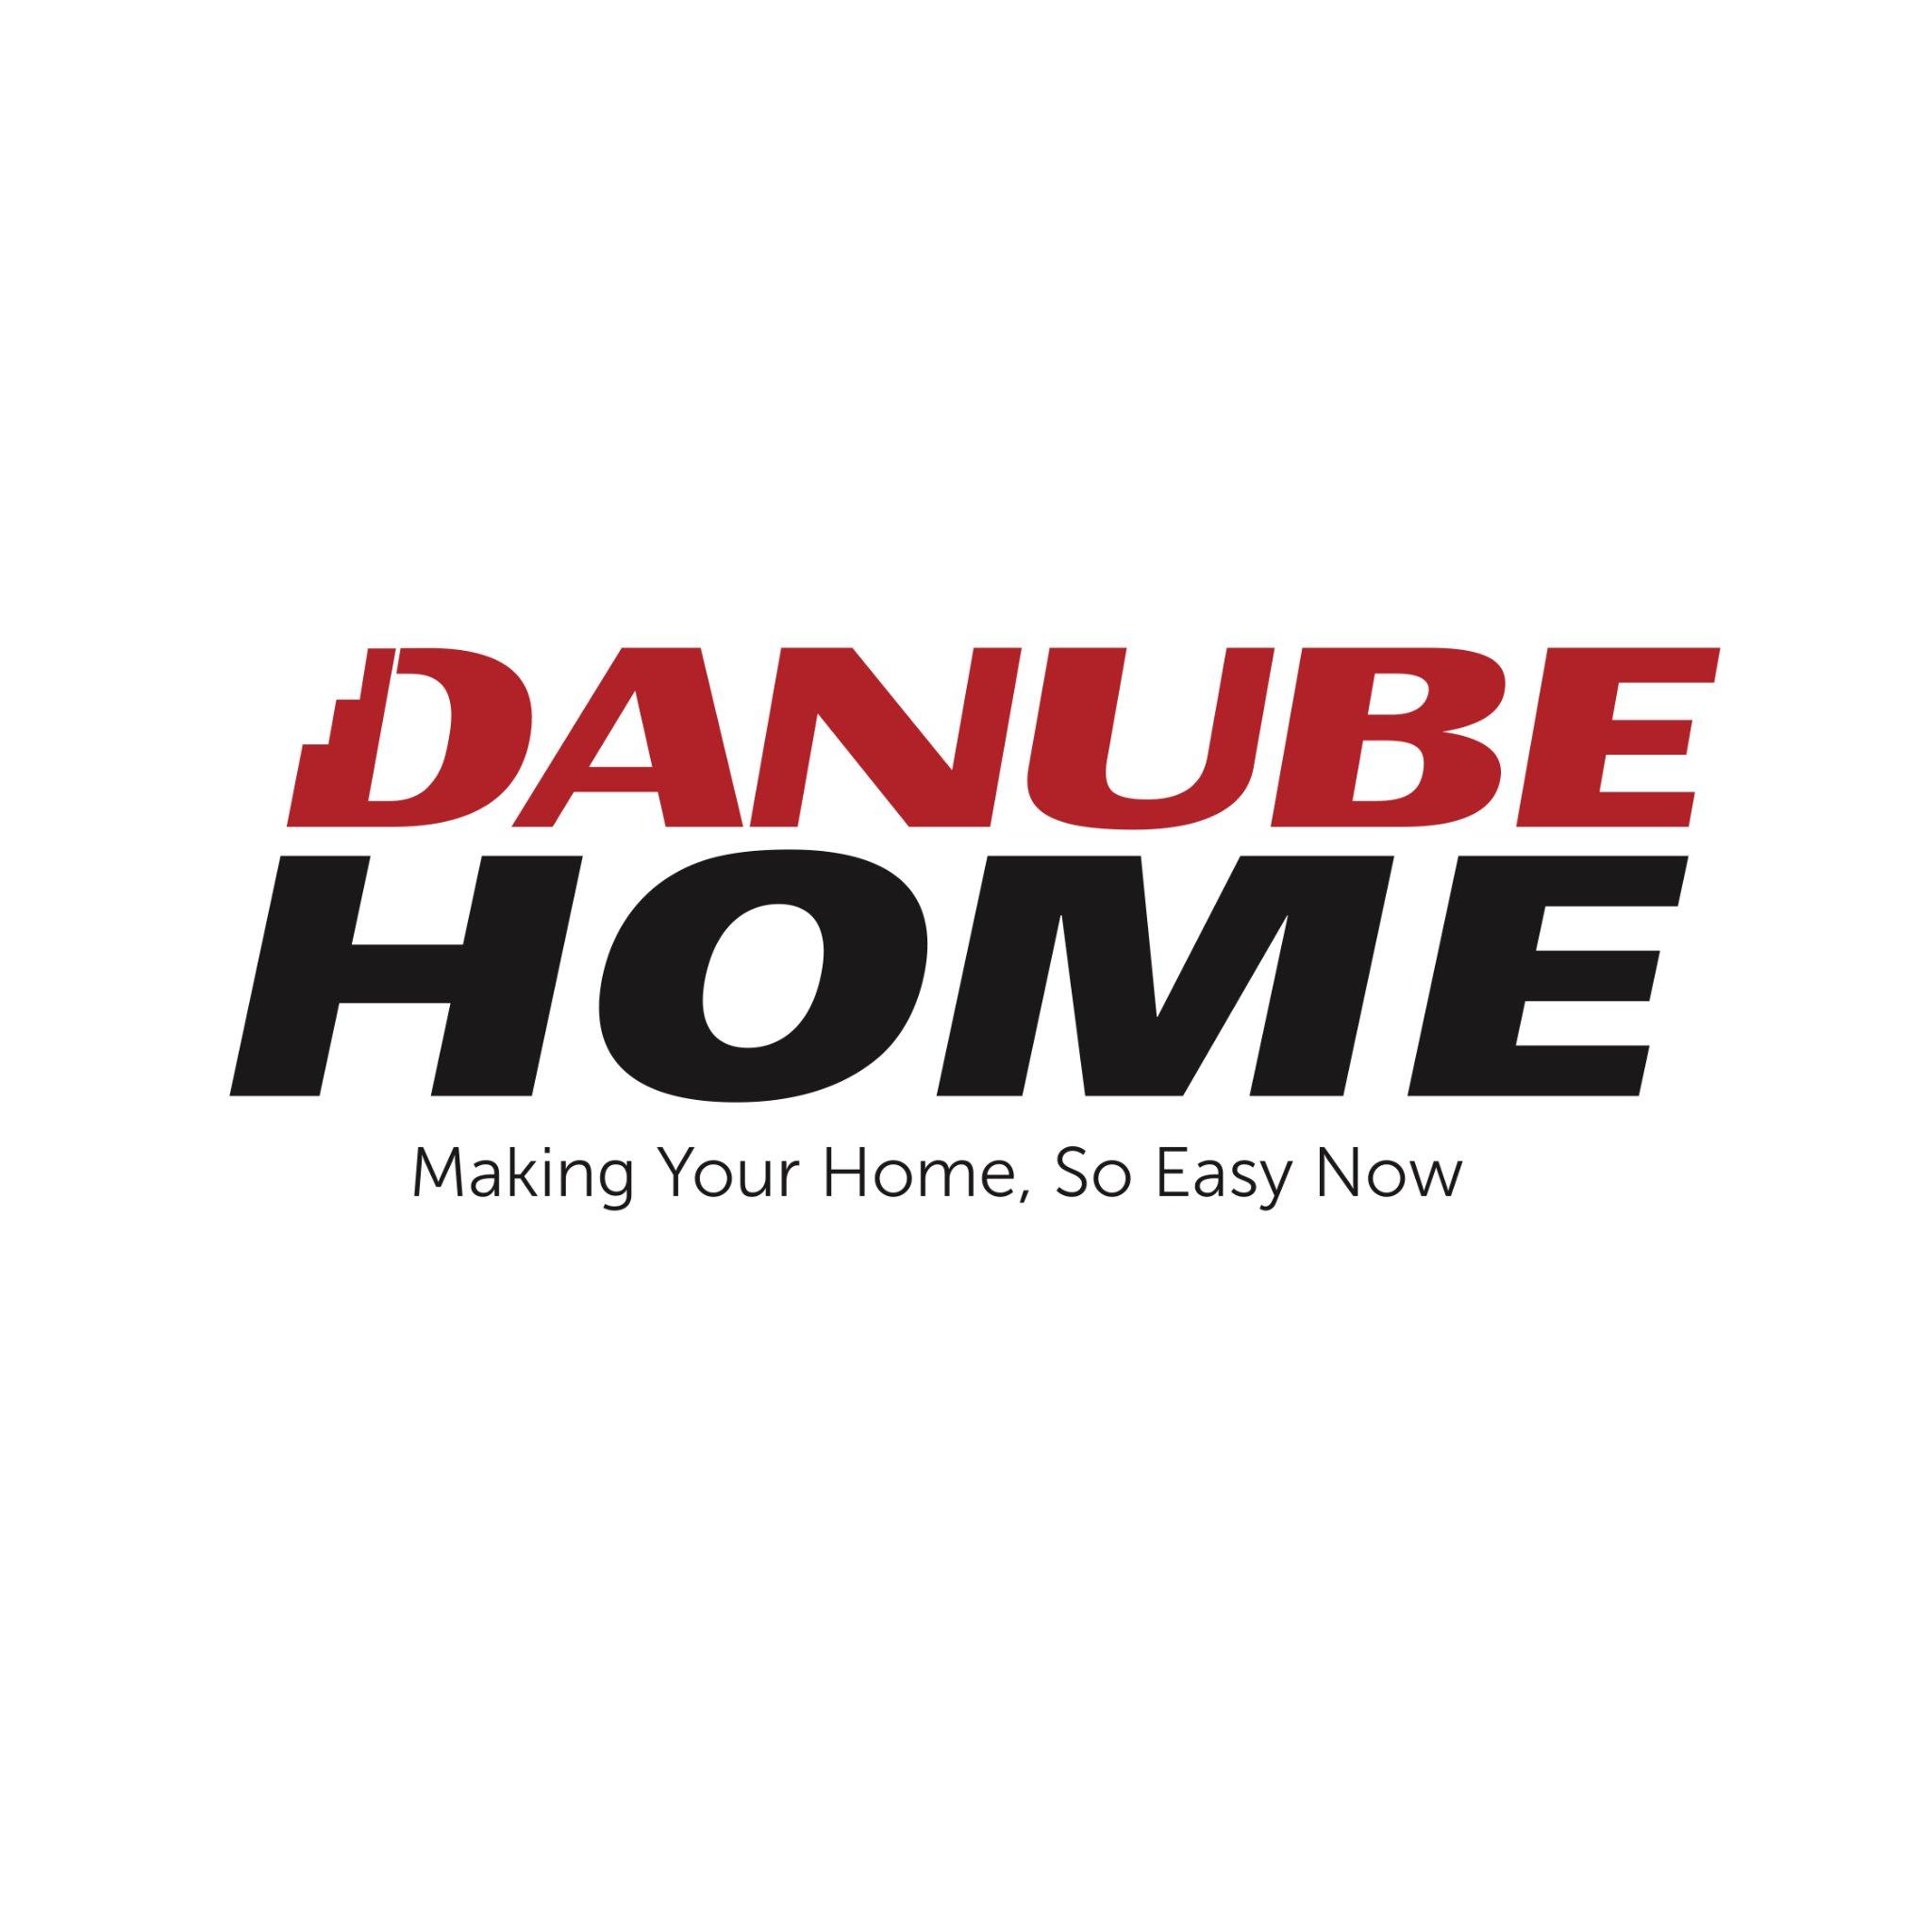 @Danubehome_TZ